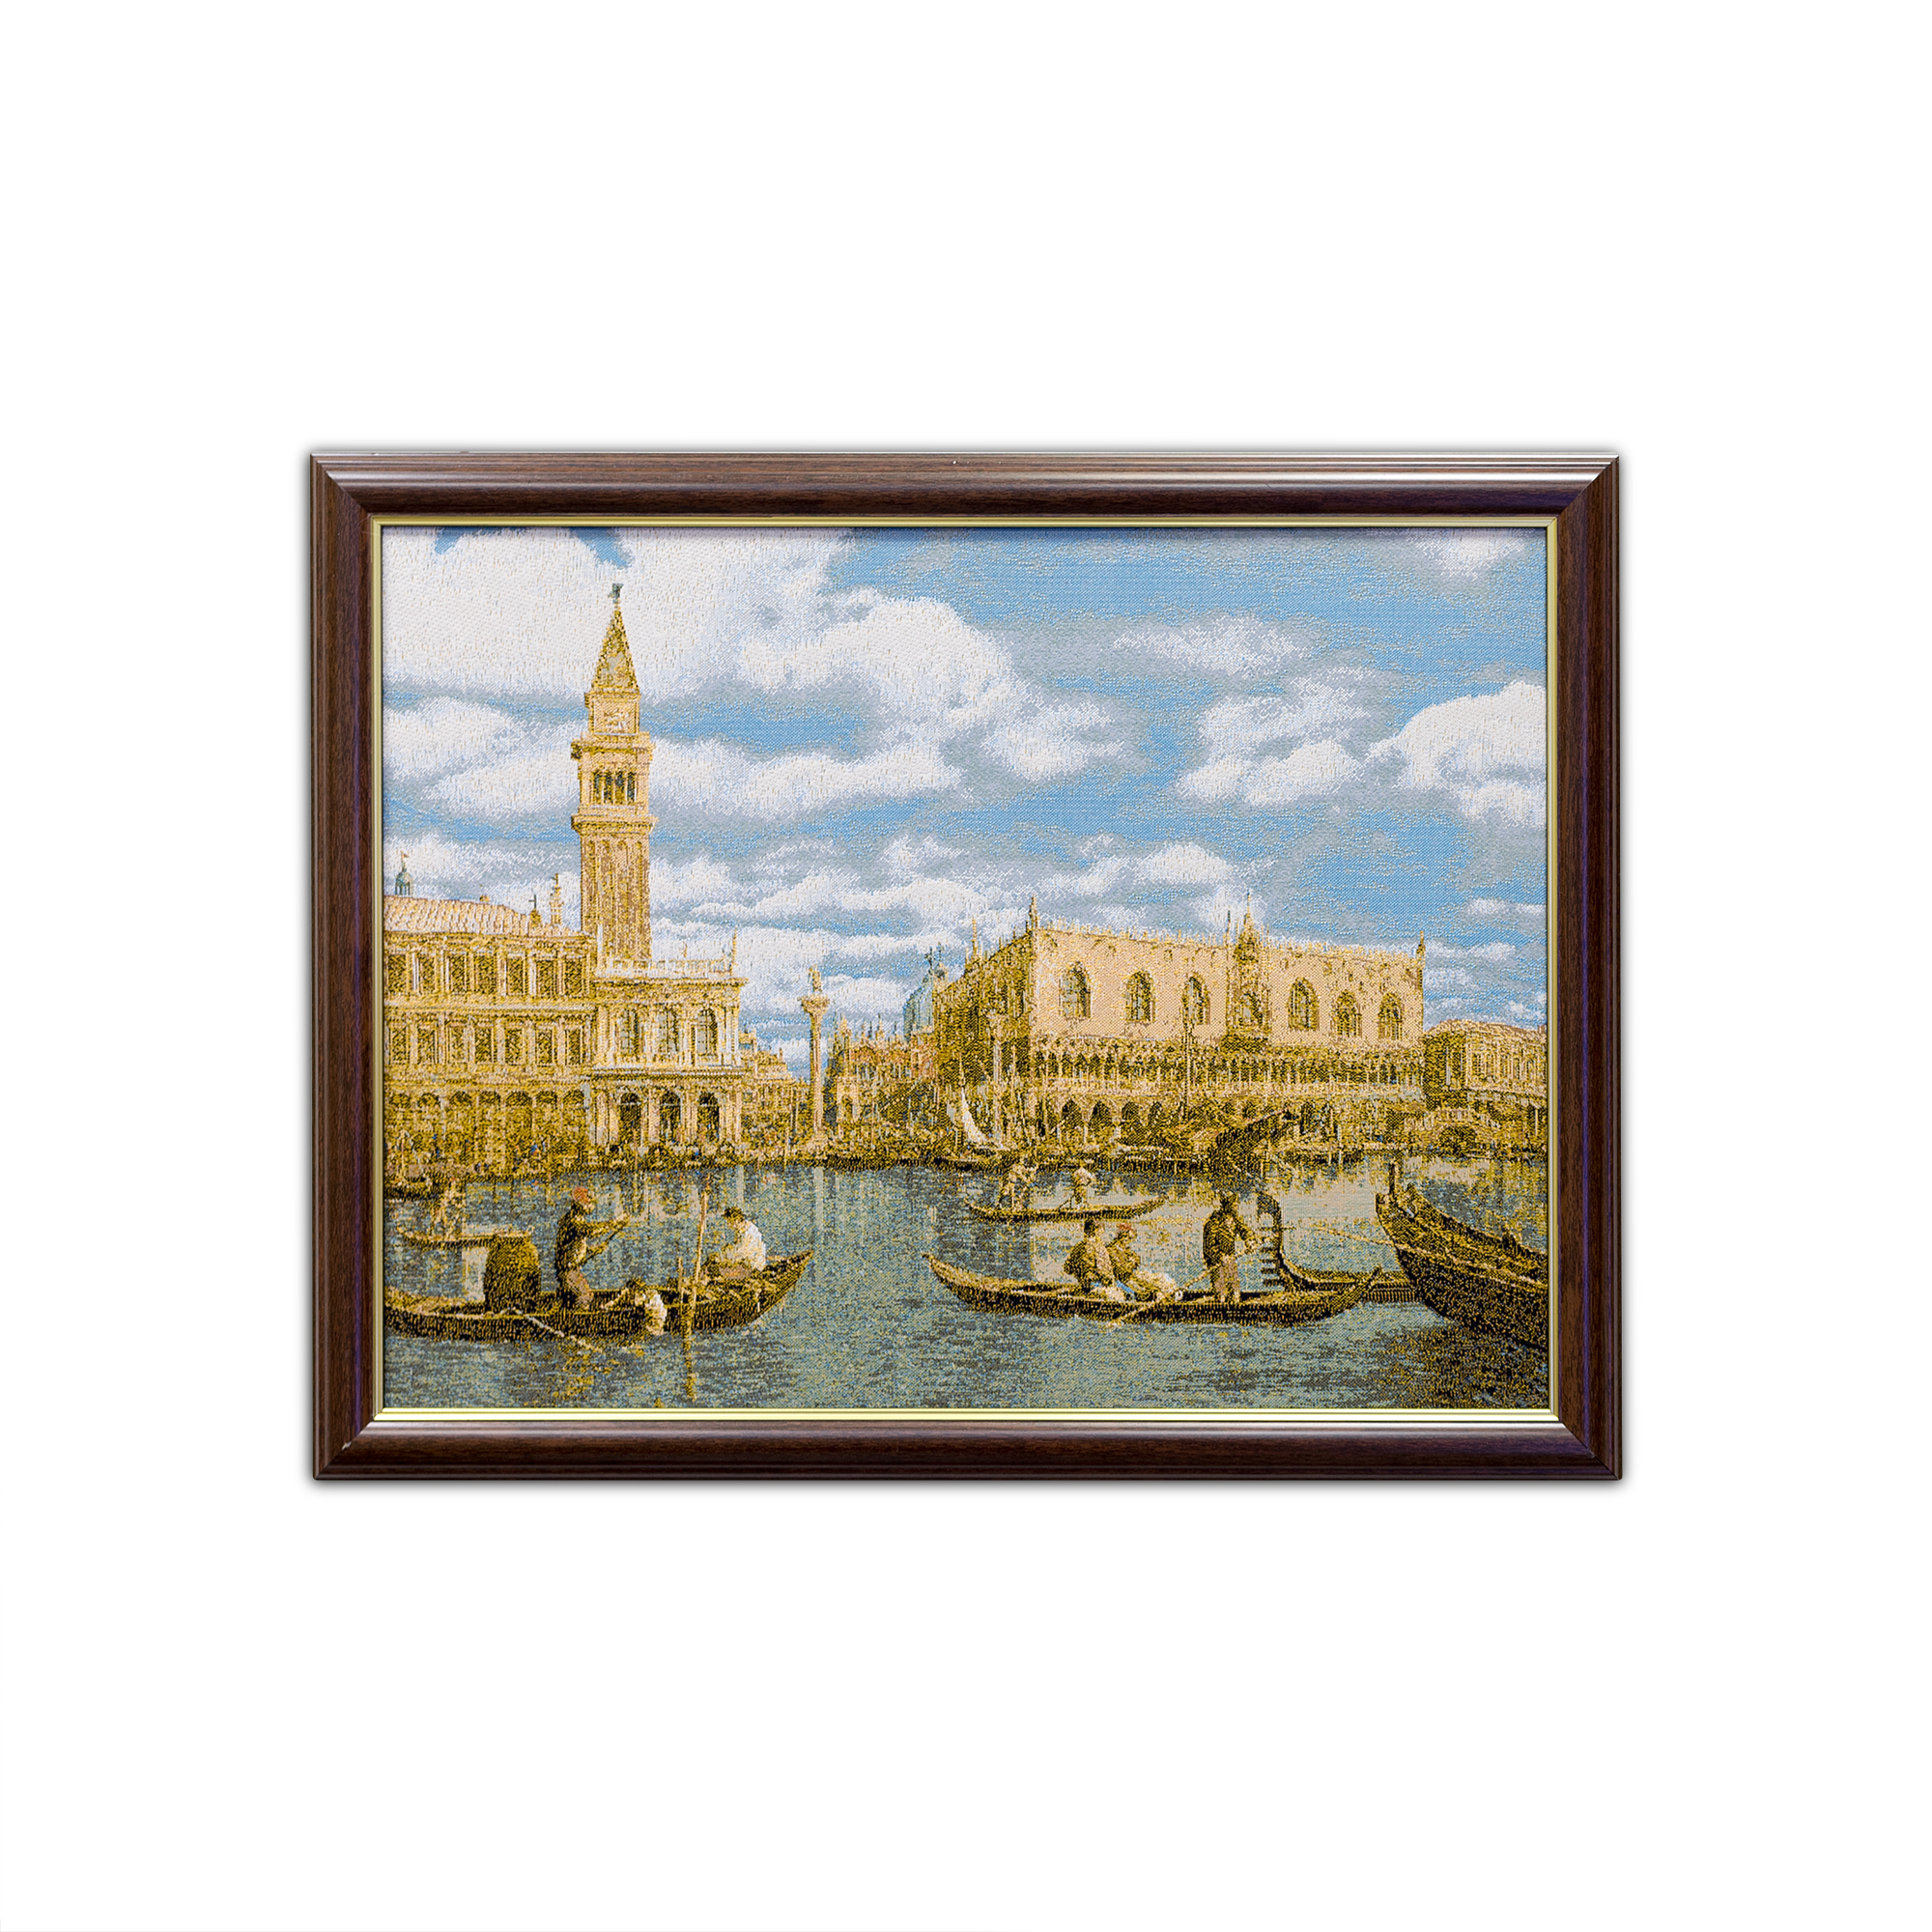 Купить Картины, постеры, гобелены, панно A La Gobelin, Картина Венеция (40х51 см), Россия, Гобелен